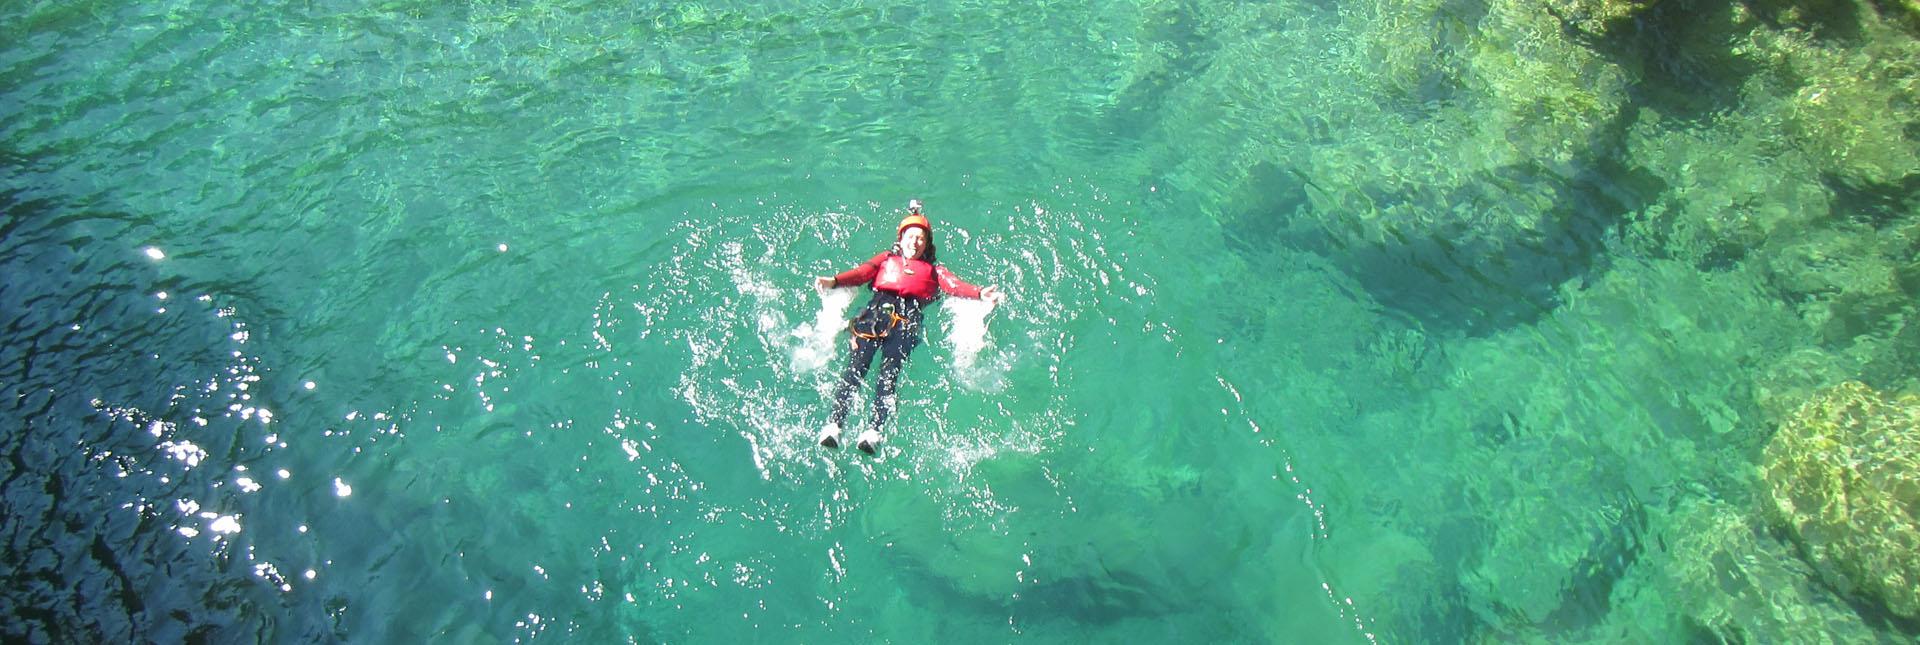 canyoning-trentino-sport-divertimento-dolomiti-lago-di-ledro-lago-di-garda-7